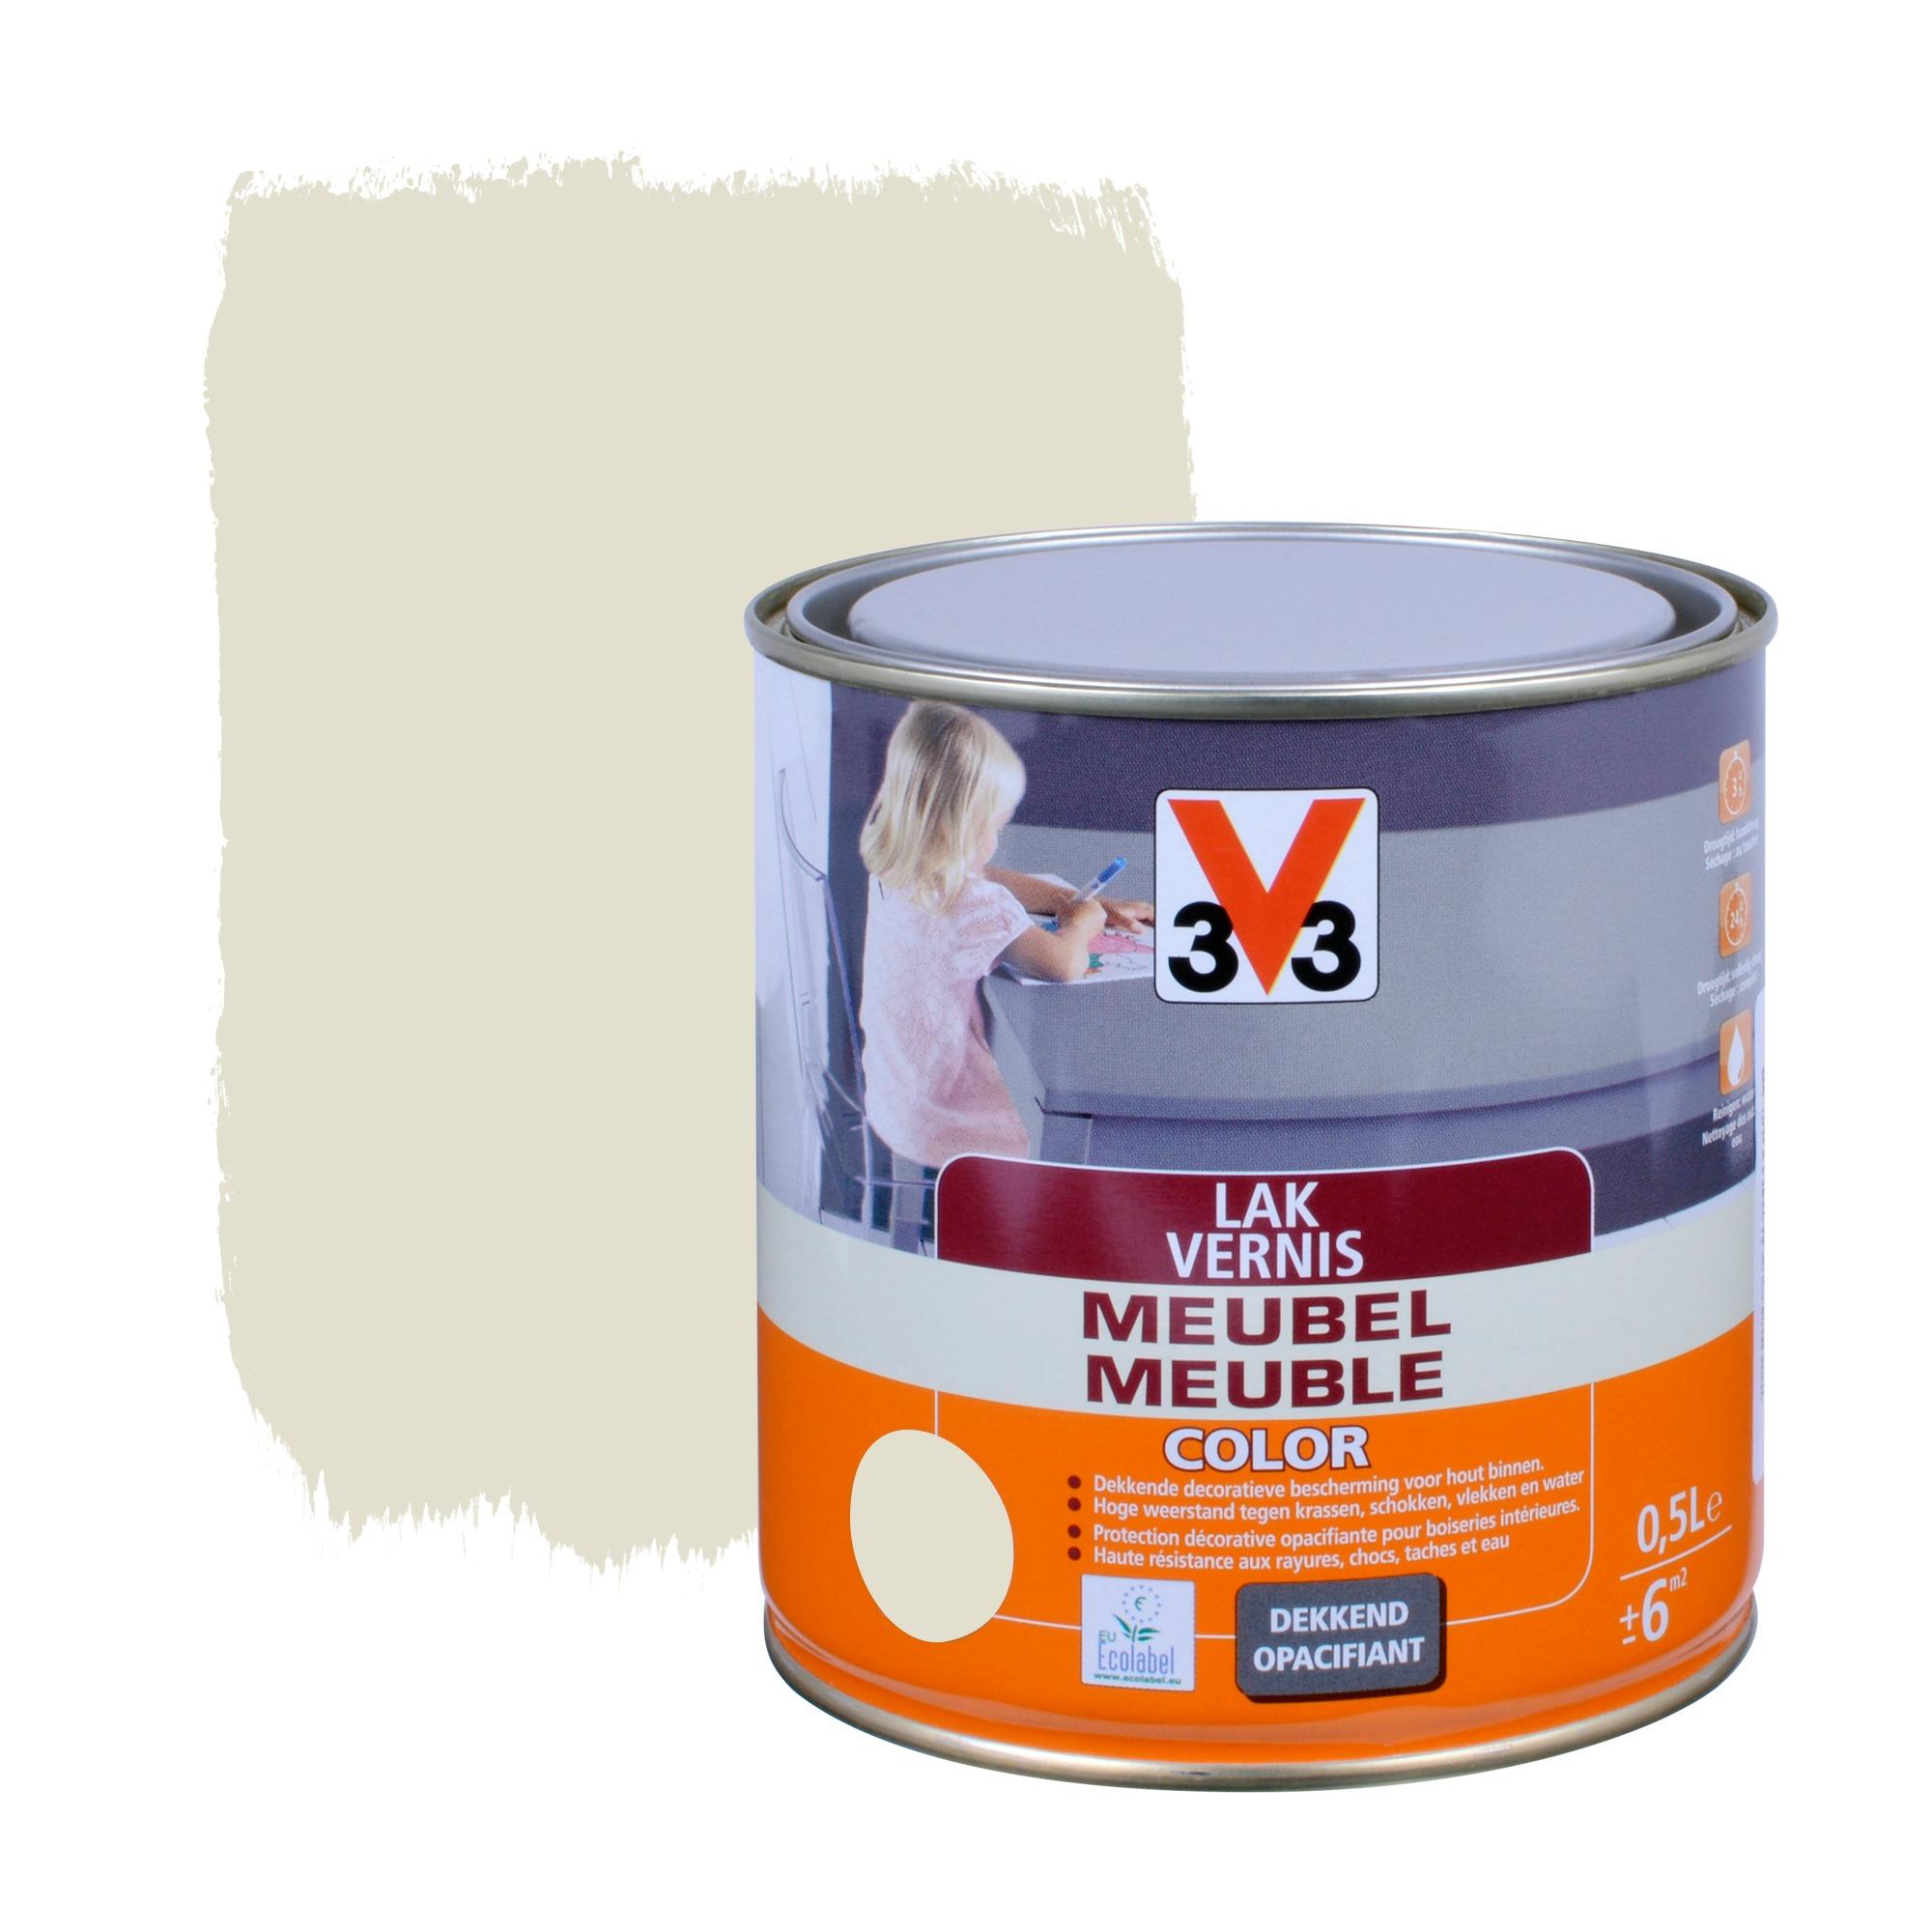 Vernis meuble color v33 moonlight 500 ml vernis huiles - Peinture meuble v33 ...